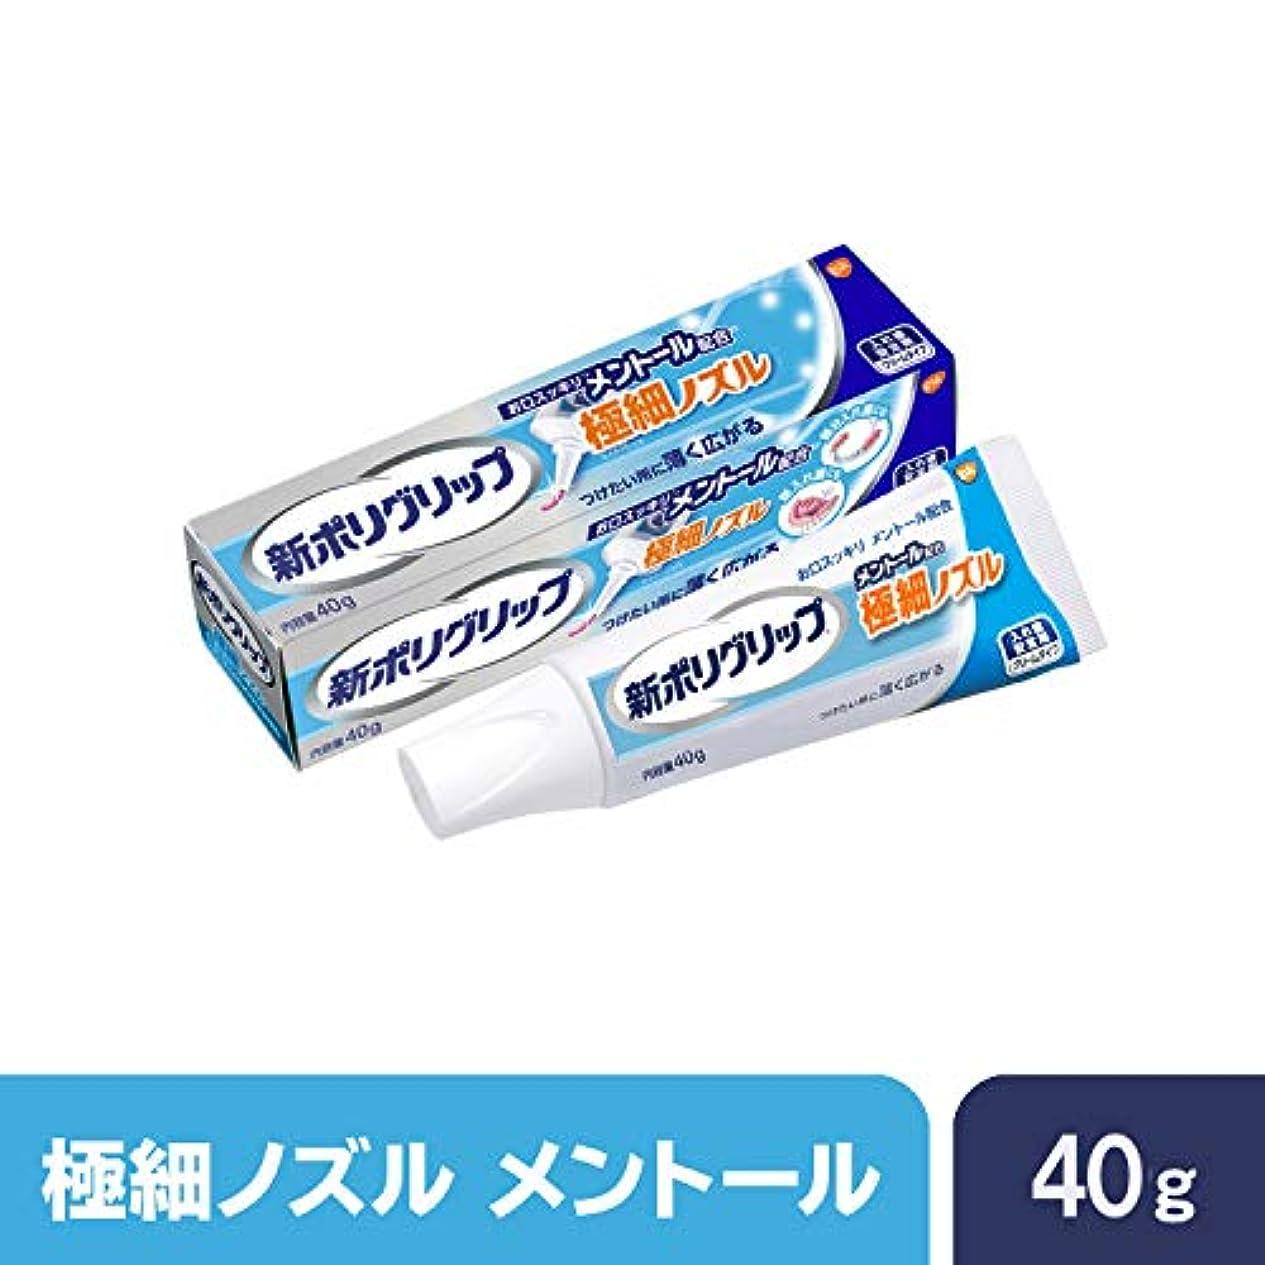 やるアトミックオピエート部分?総入れ歯安定剤 新ポリグリップ極細ノズル メントール 40g